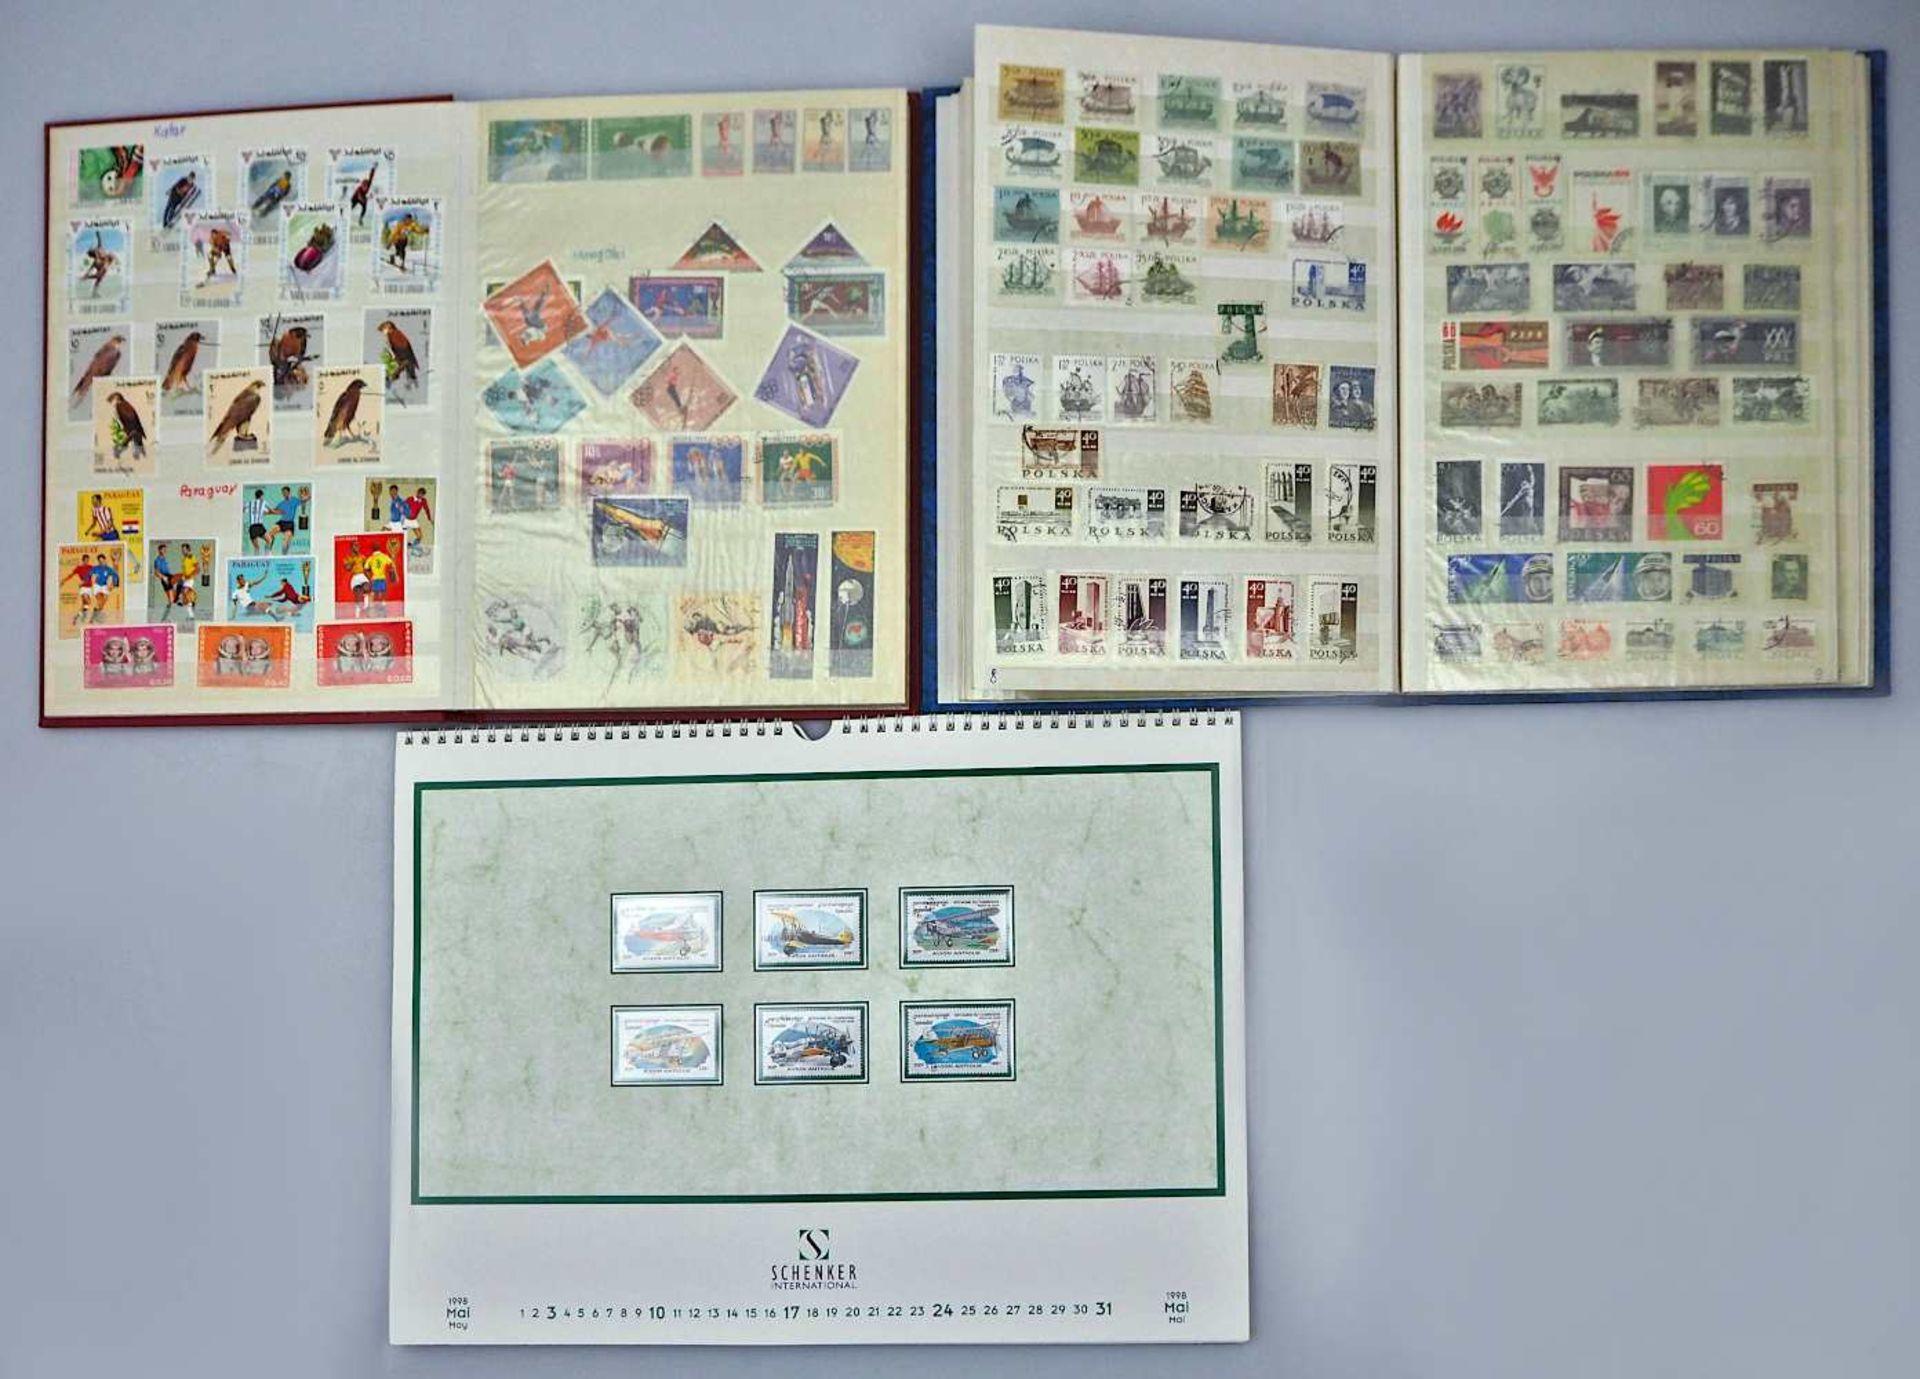 1 Konv. Briefmarken in 4 Alben: Deutsches Reich, BRD, DDR, 3. Reich, Alle Welt sowie 1 - Bild 2 aus 3